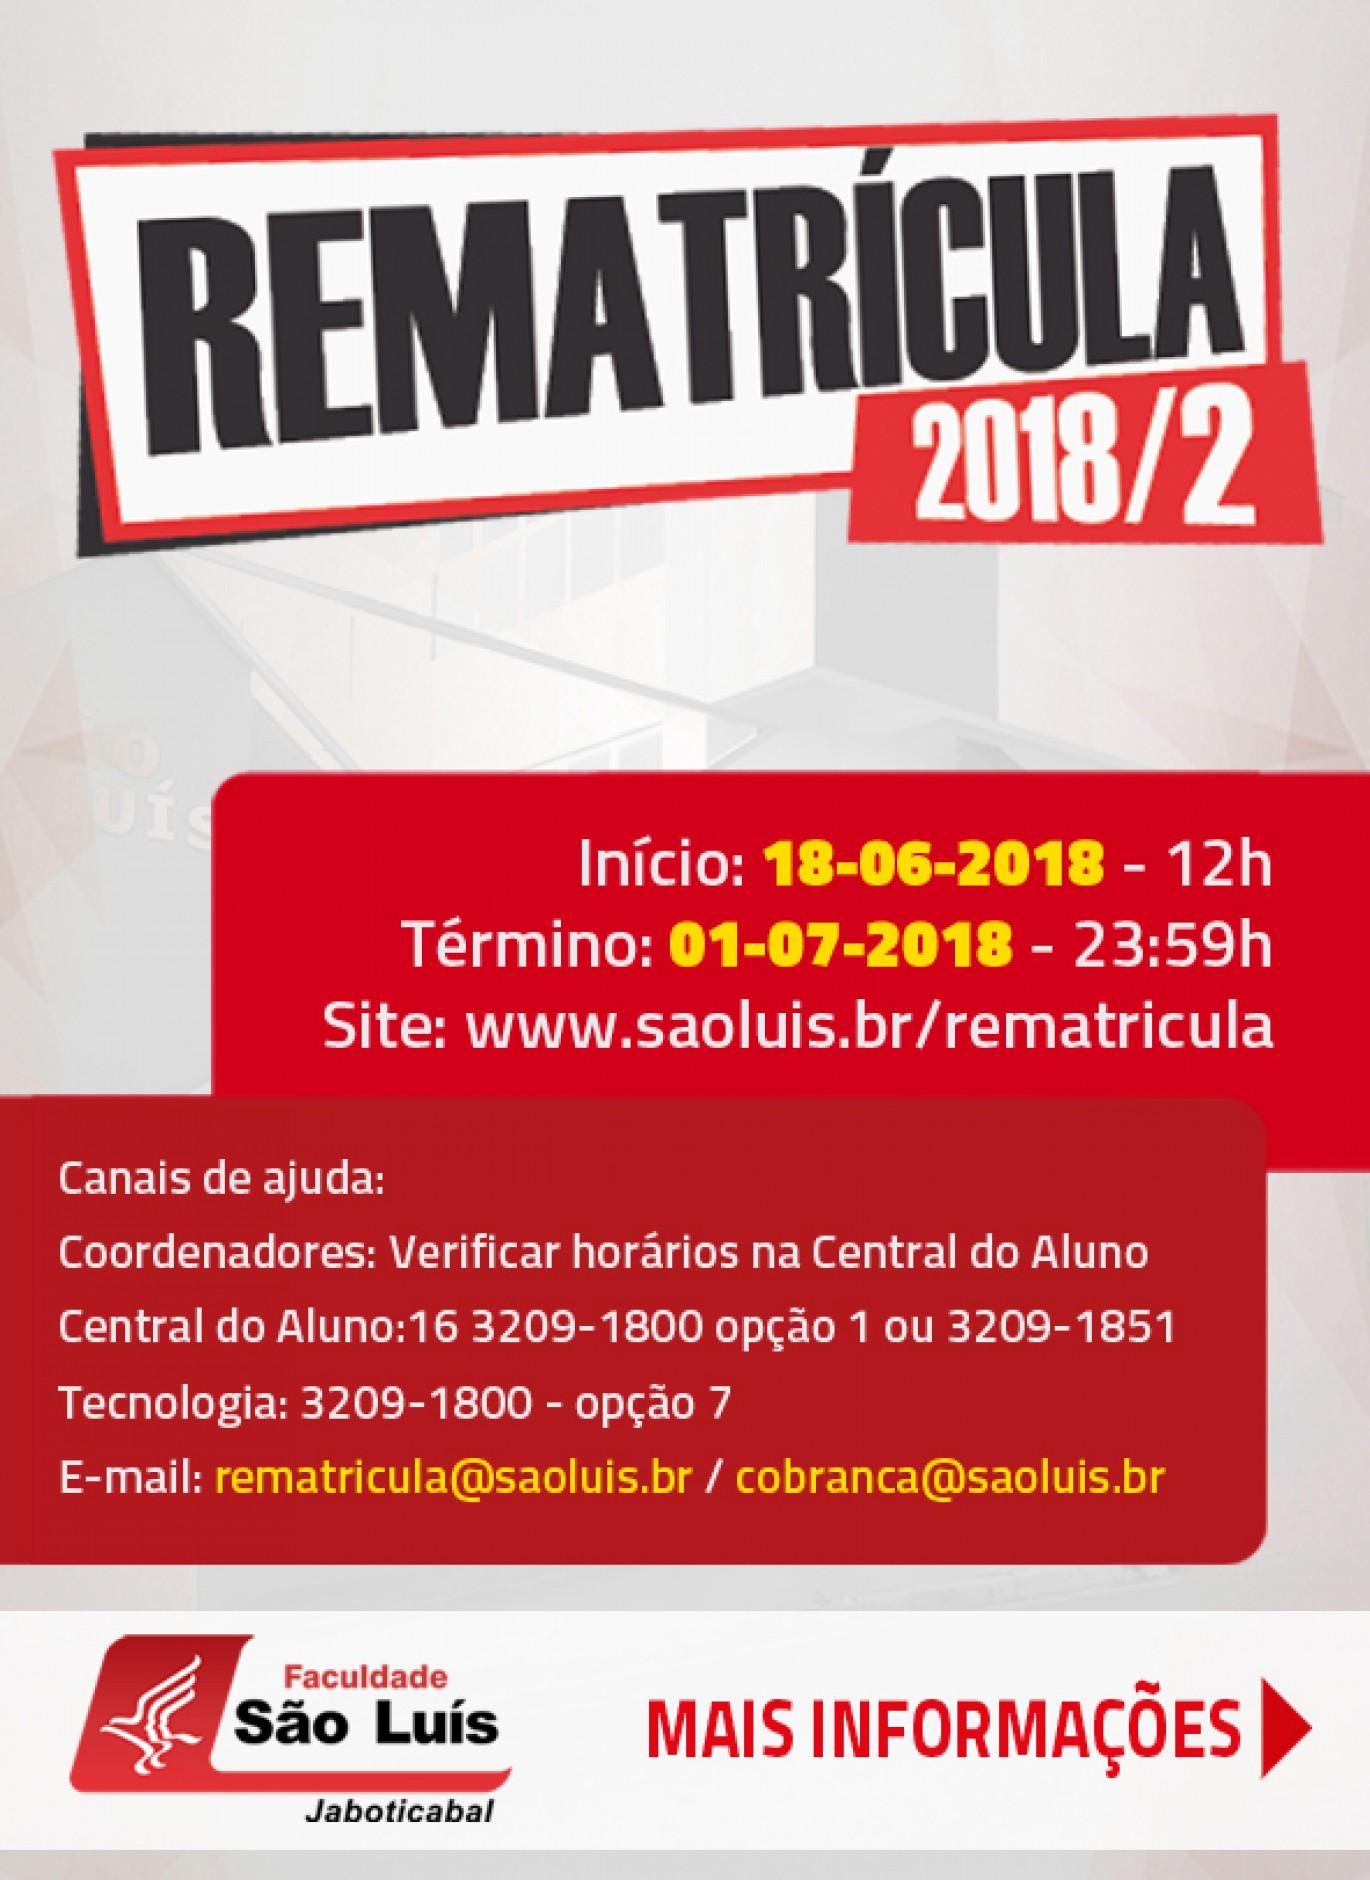 Rematrícula 2018/2